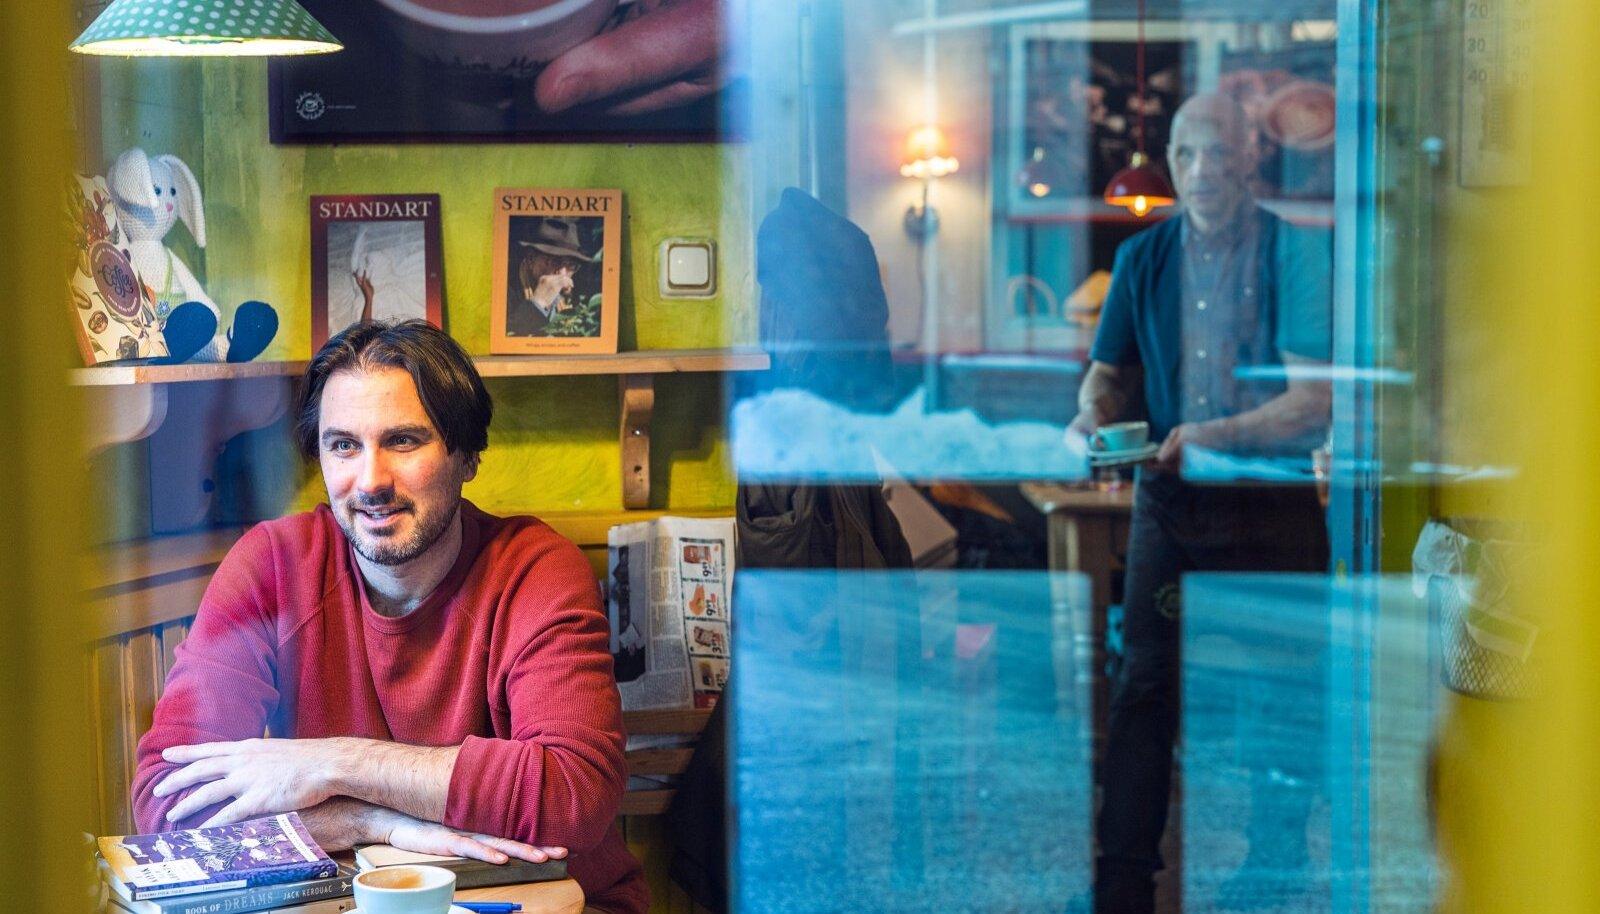 """""""Ma töötangi kohvikus,"""" ütleb Justin Petrone. """"Kodus ma ei saaks kirjutada, kodus ma hakkan kohe muid asju tegema."""""""